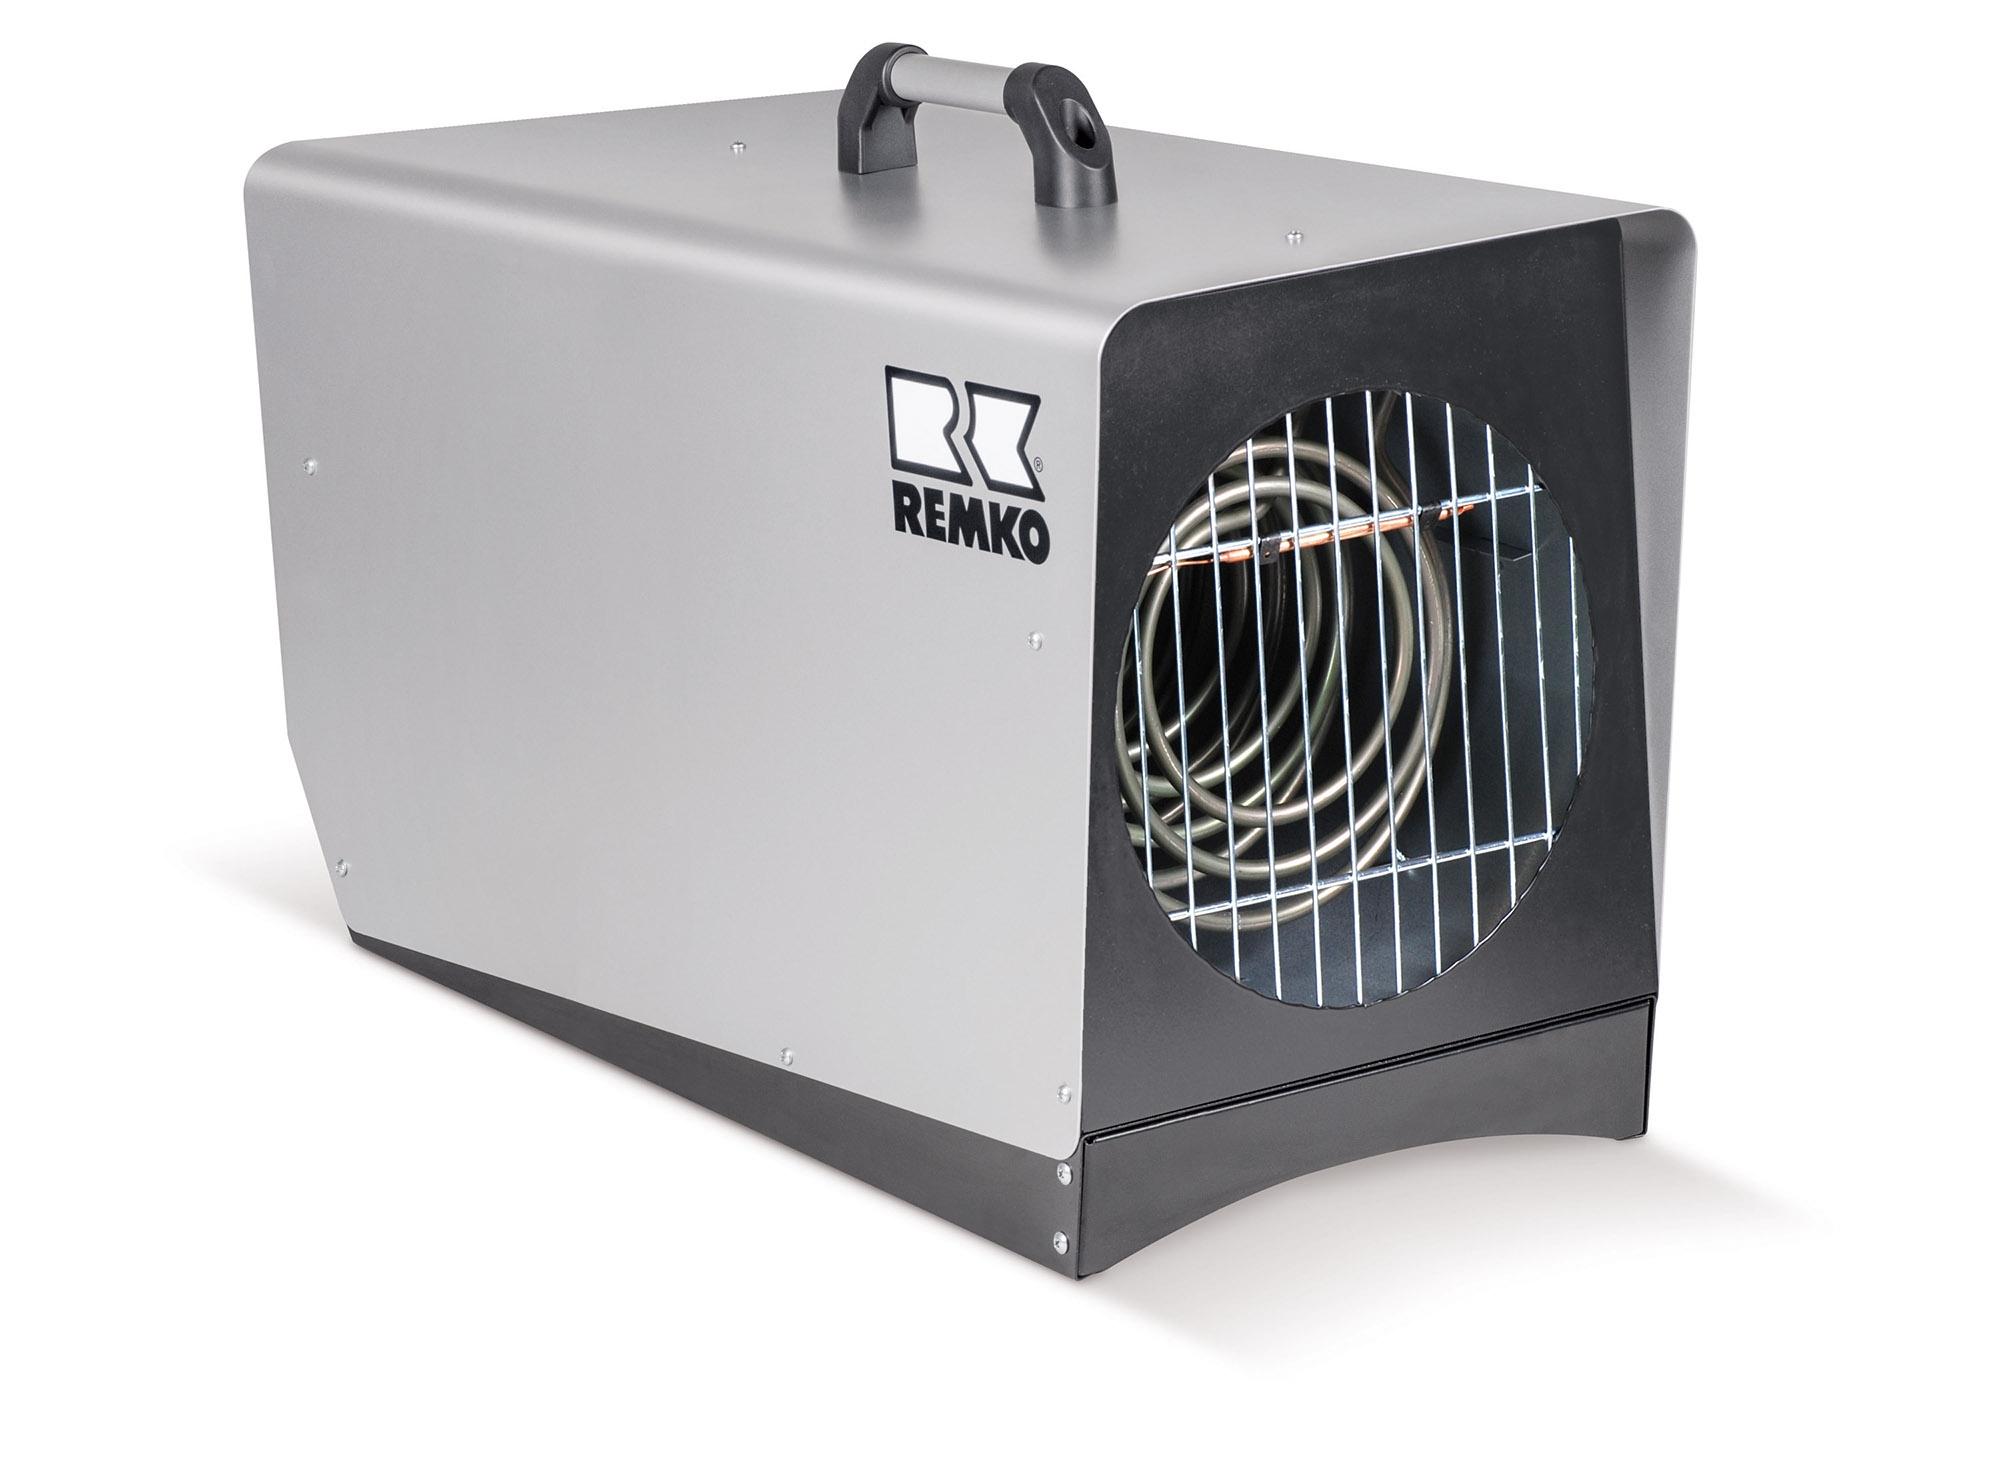 REMKO EM 18000 Mobiler Elektro Heizautomat - Vollautomatisch mit eingebautem Raumthermostat